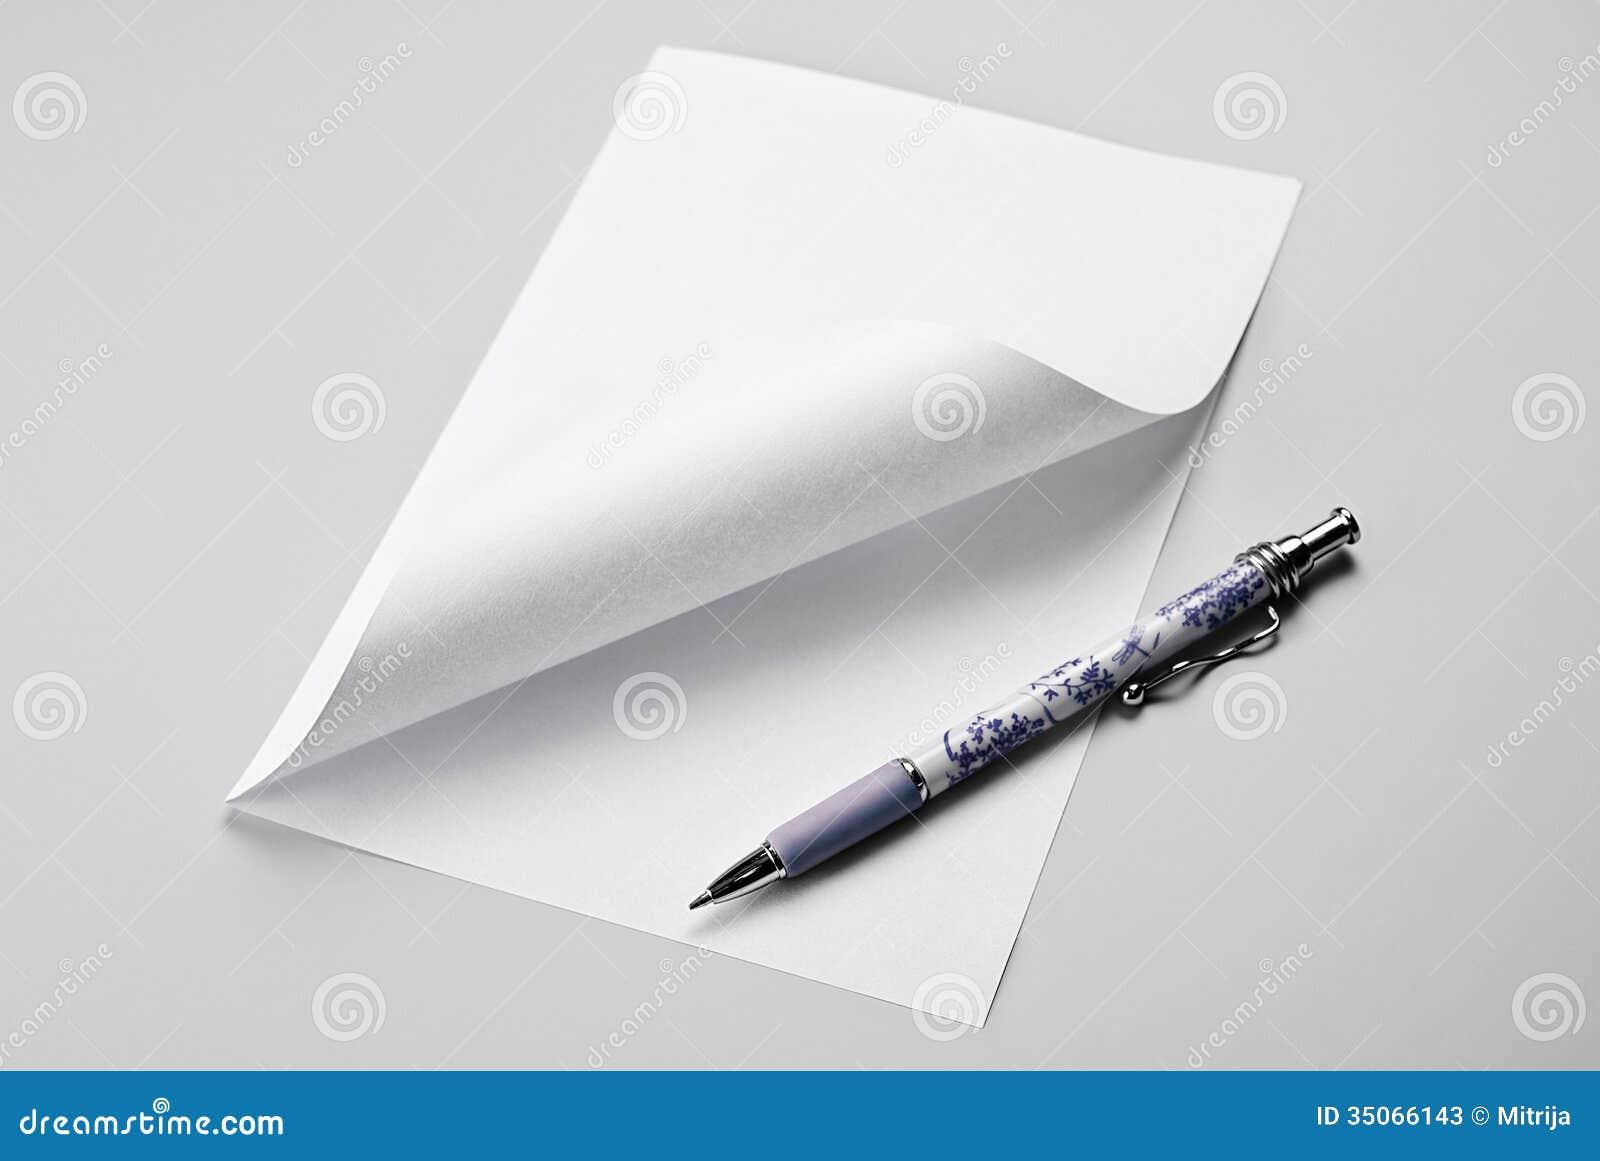 Foglio bianco di carta con l 39 angolo e la penna arricciati - Foglio laminato bianco ...